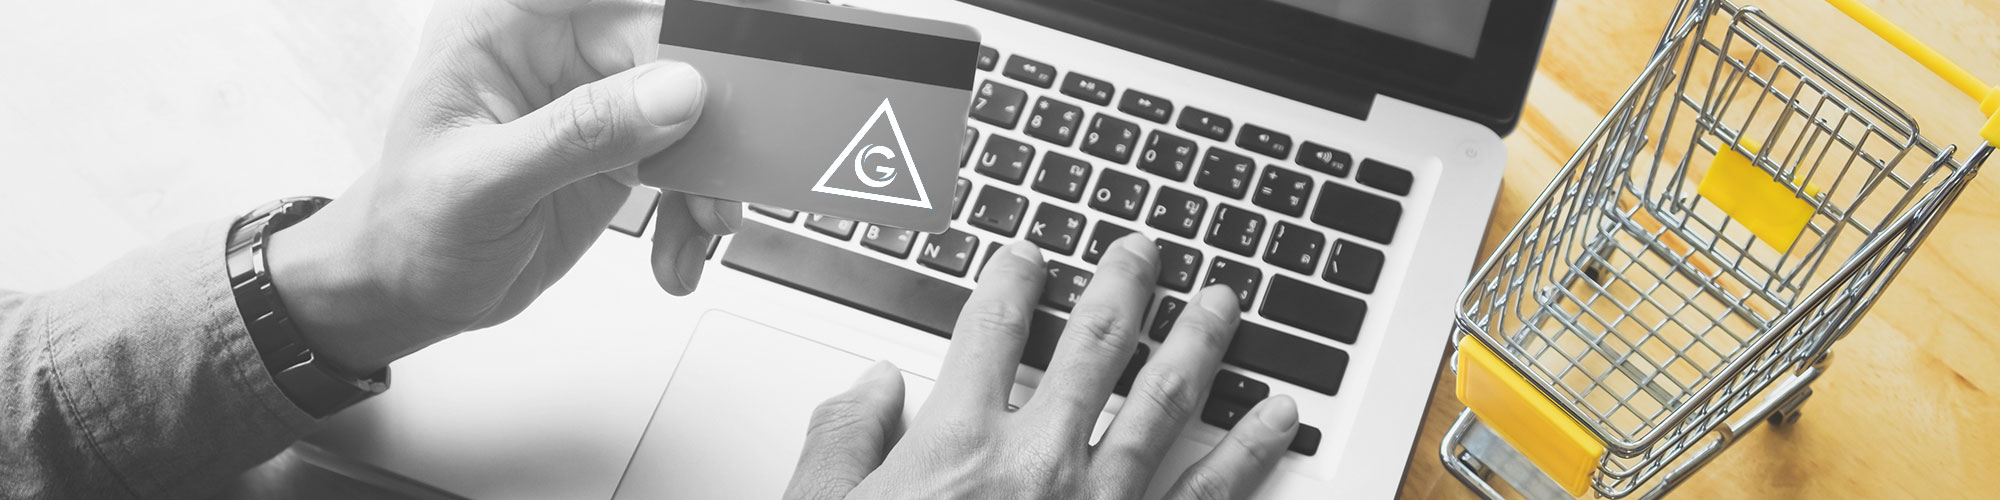 Agencija G - kupovina osiguranja online